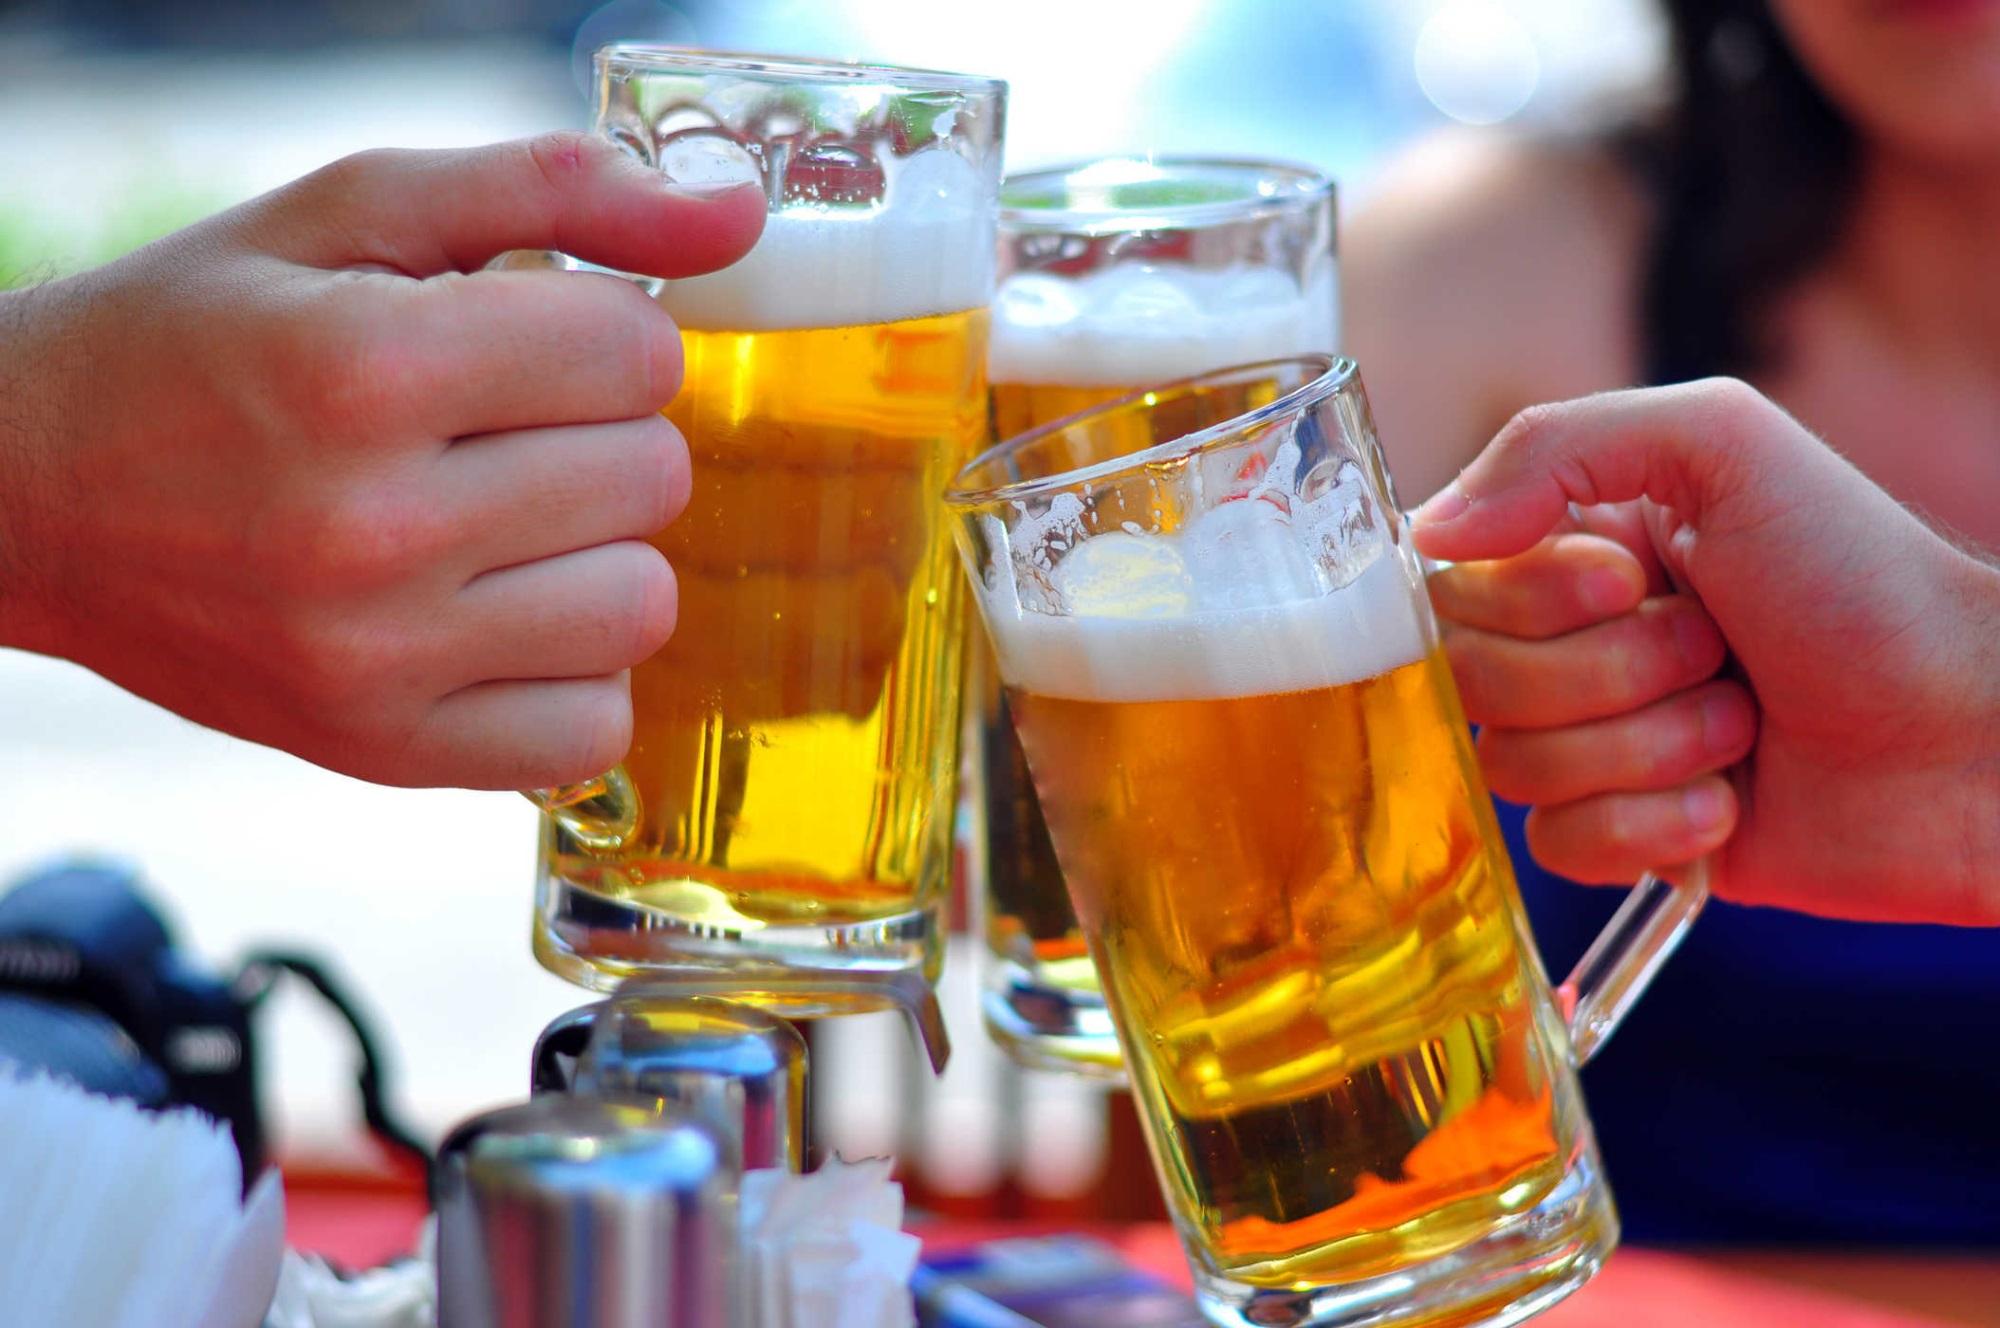 Uống bia kết hợp với ngồi quá lâu mà không vận động và ăn liên tục sẽ làm bụng phệ nhanh chóng hơn